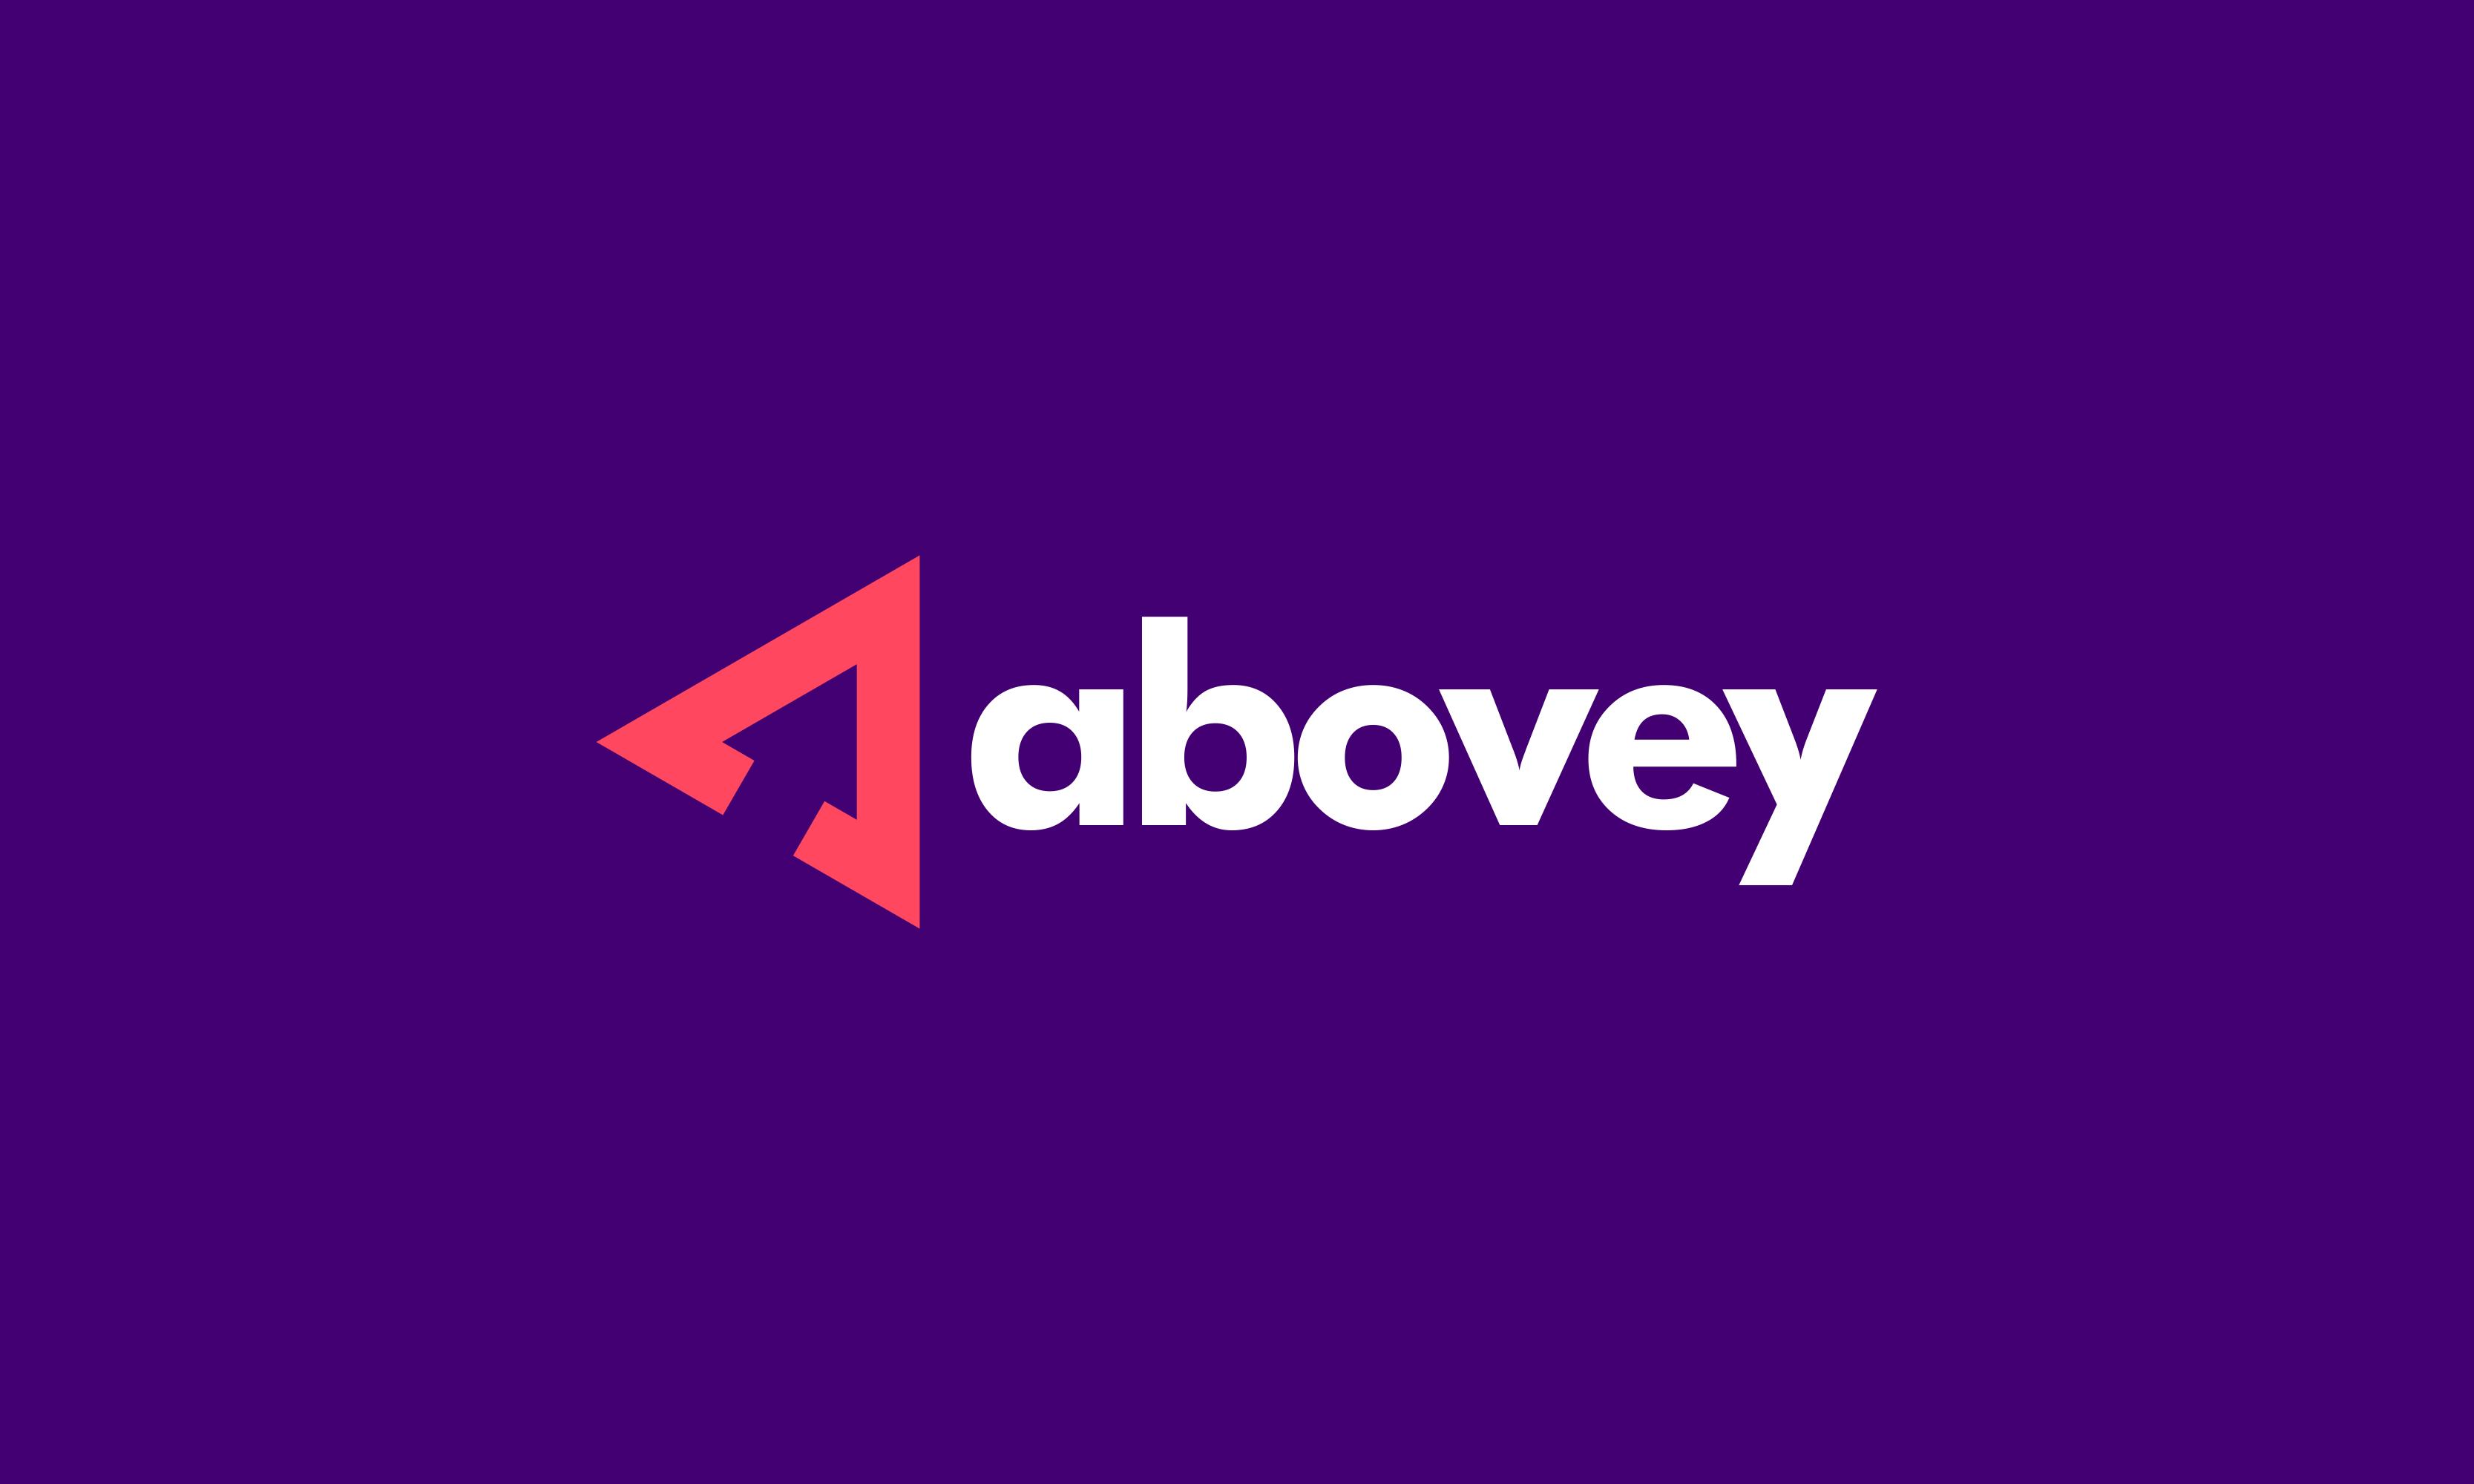 Abovey